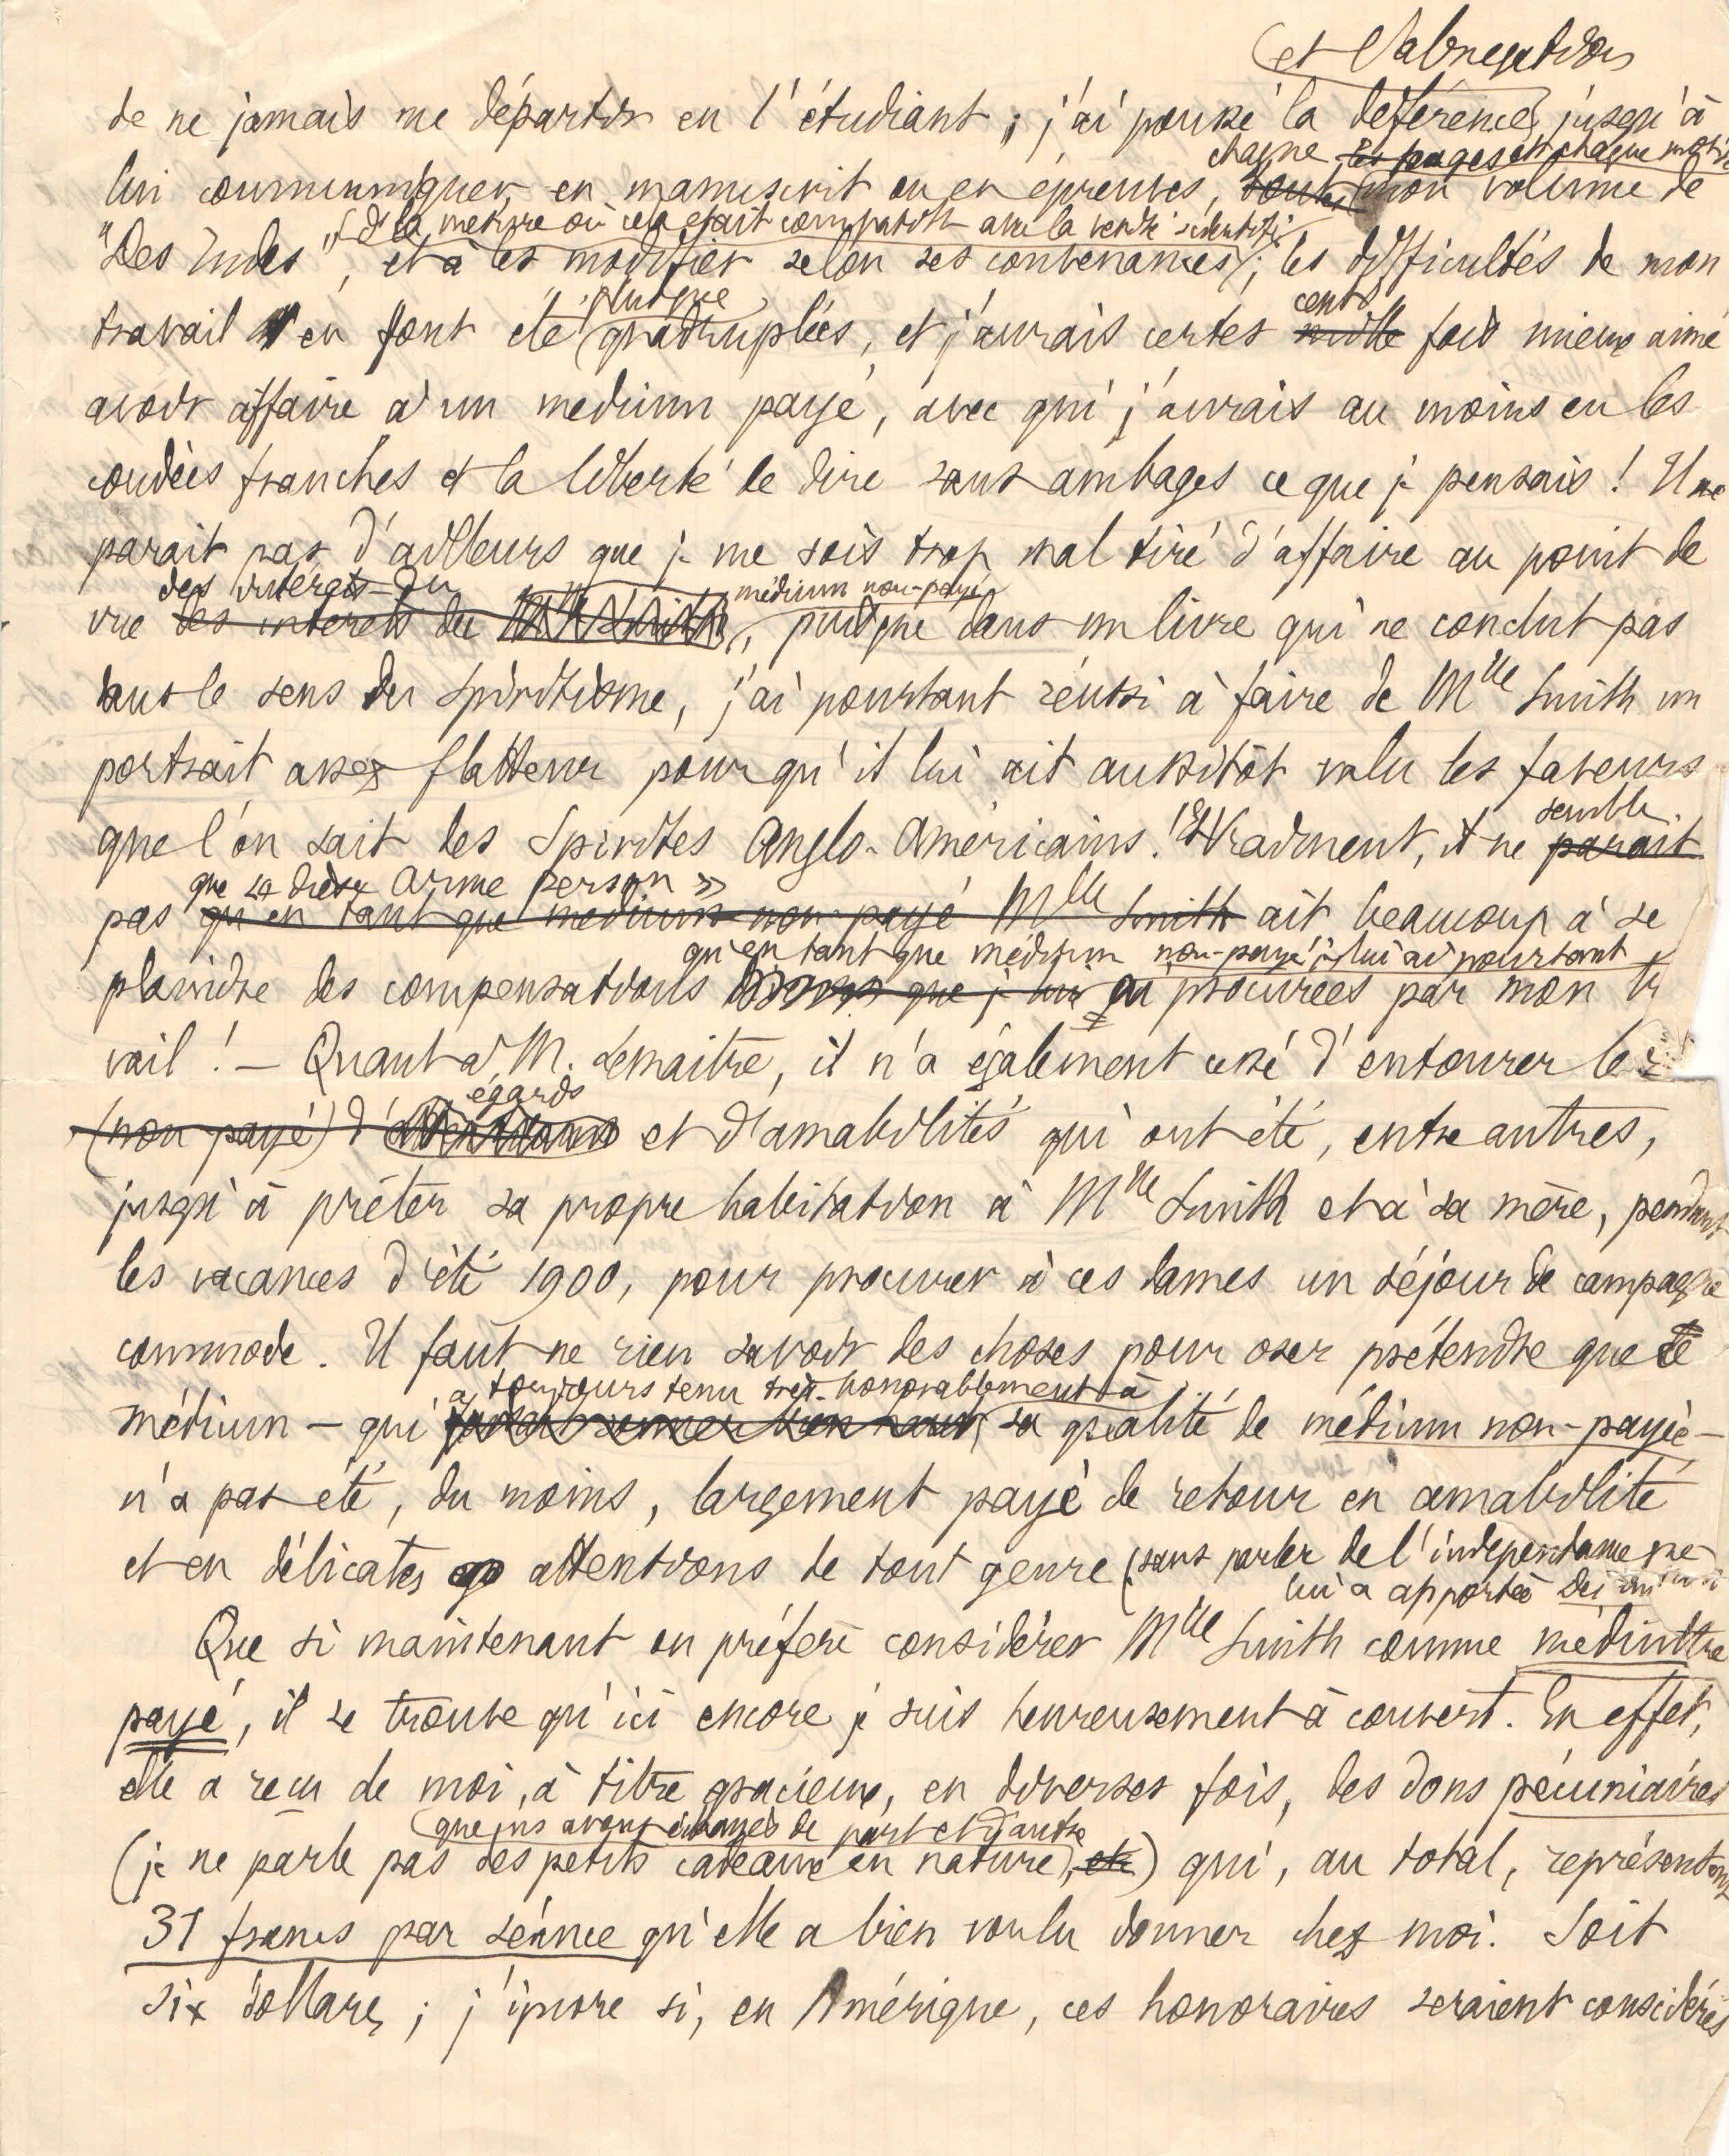 Brouillon de lettre de Théodore Flournoy à Karl Propesch